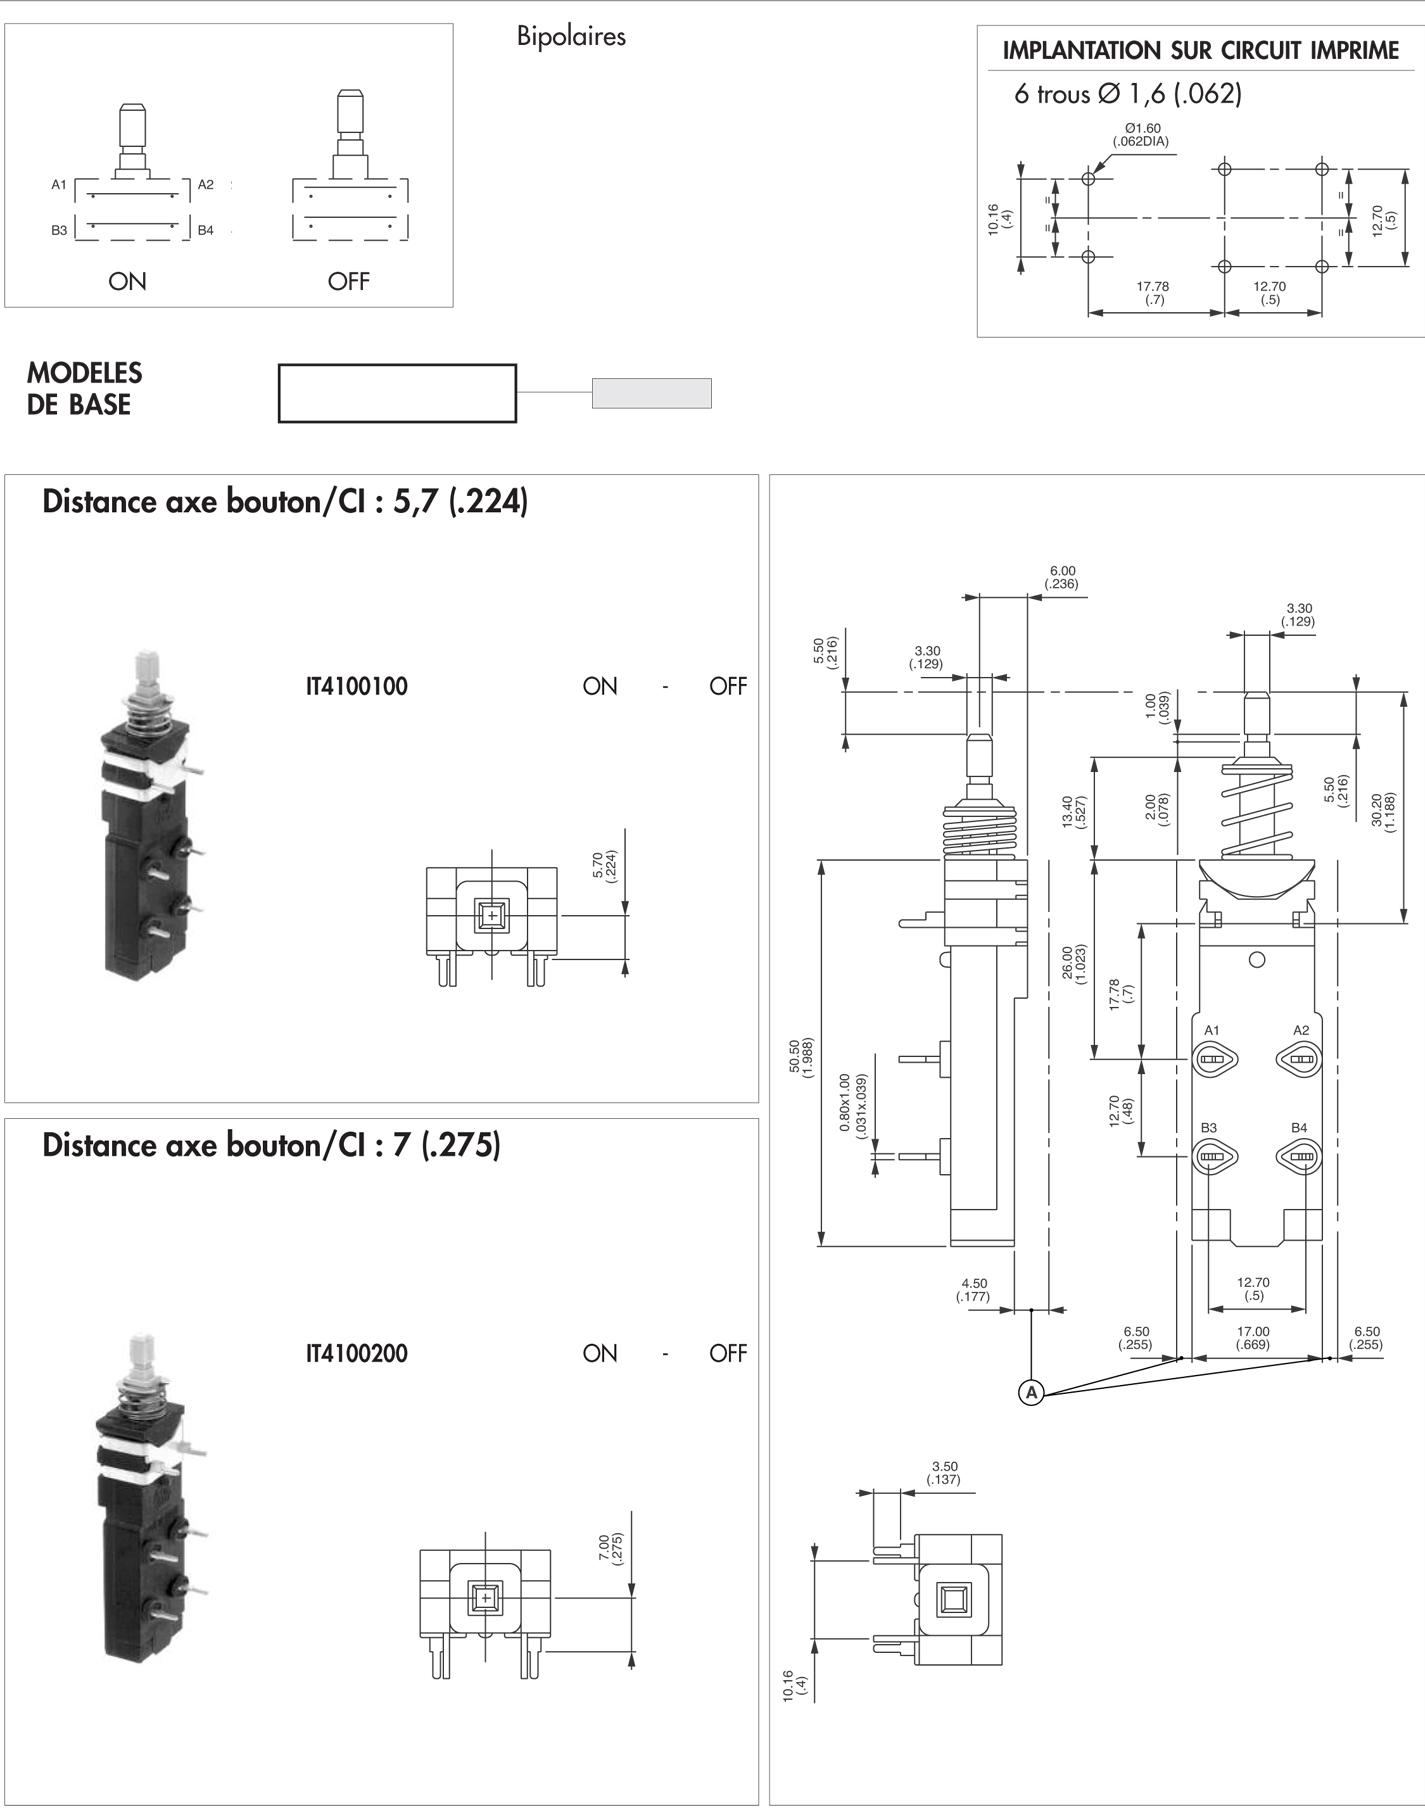 interrupteurs secteur - rigidit u00e9 di u00e9lectrique 6000v